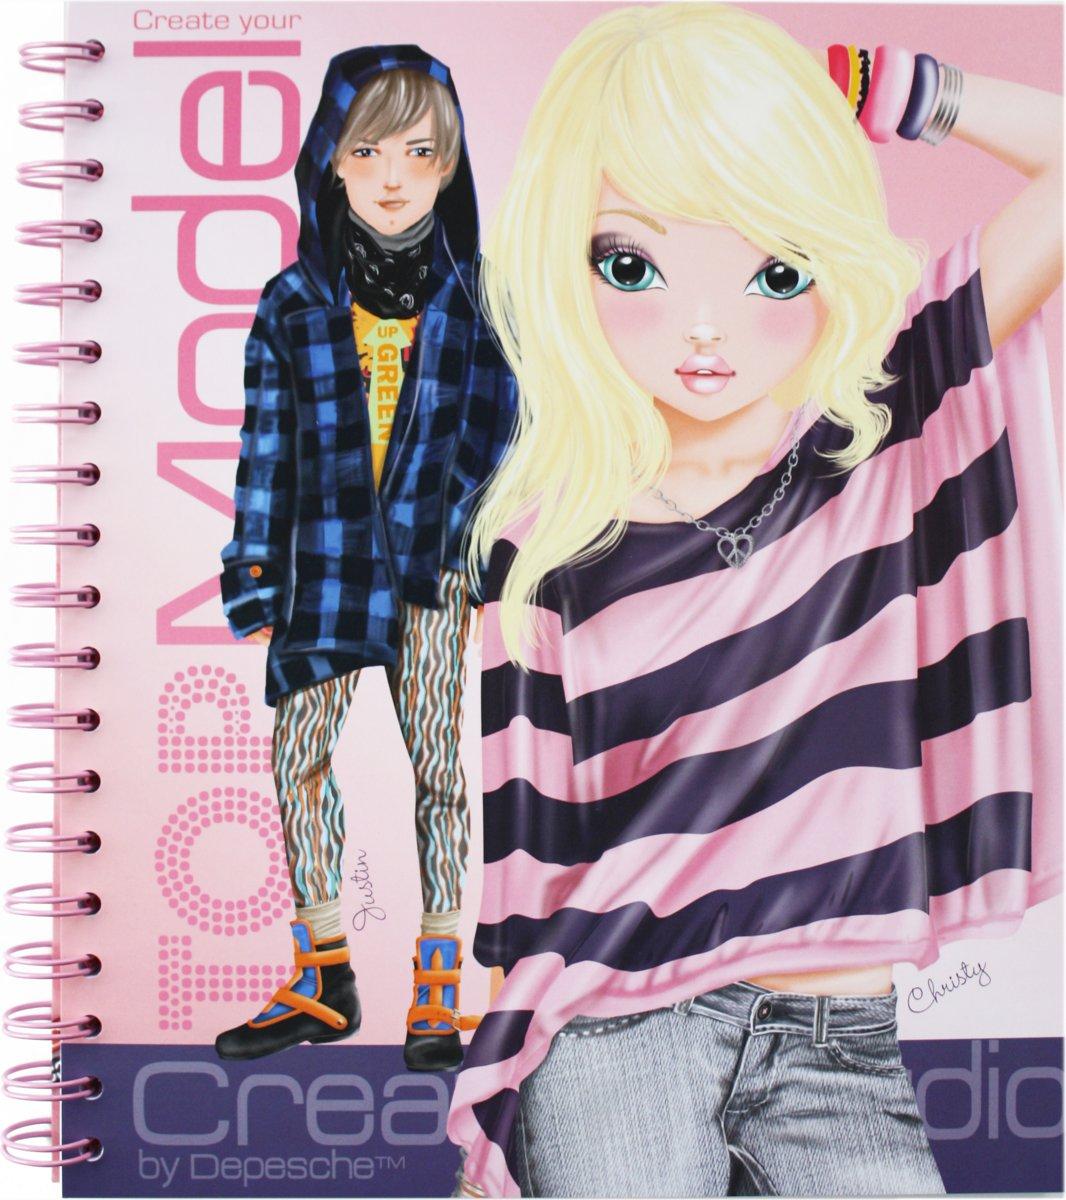 Kleurplaten Topmodel Aankleden.Bol Com Create Your Top Model Kleurboek Topmodel Speelgoed